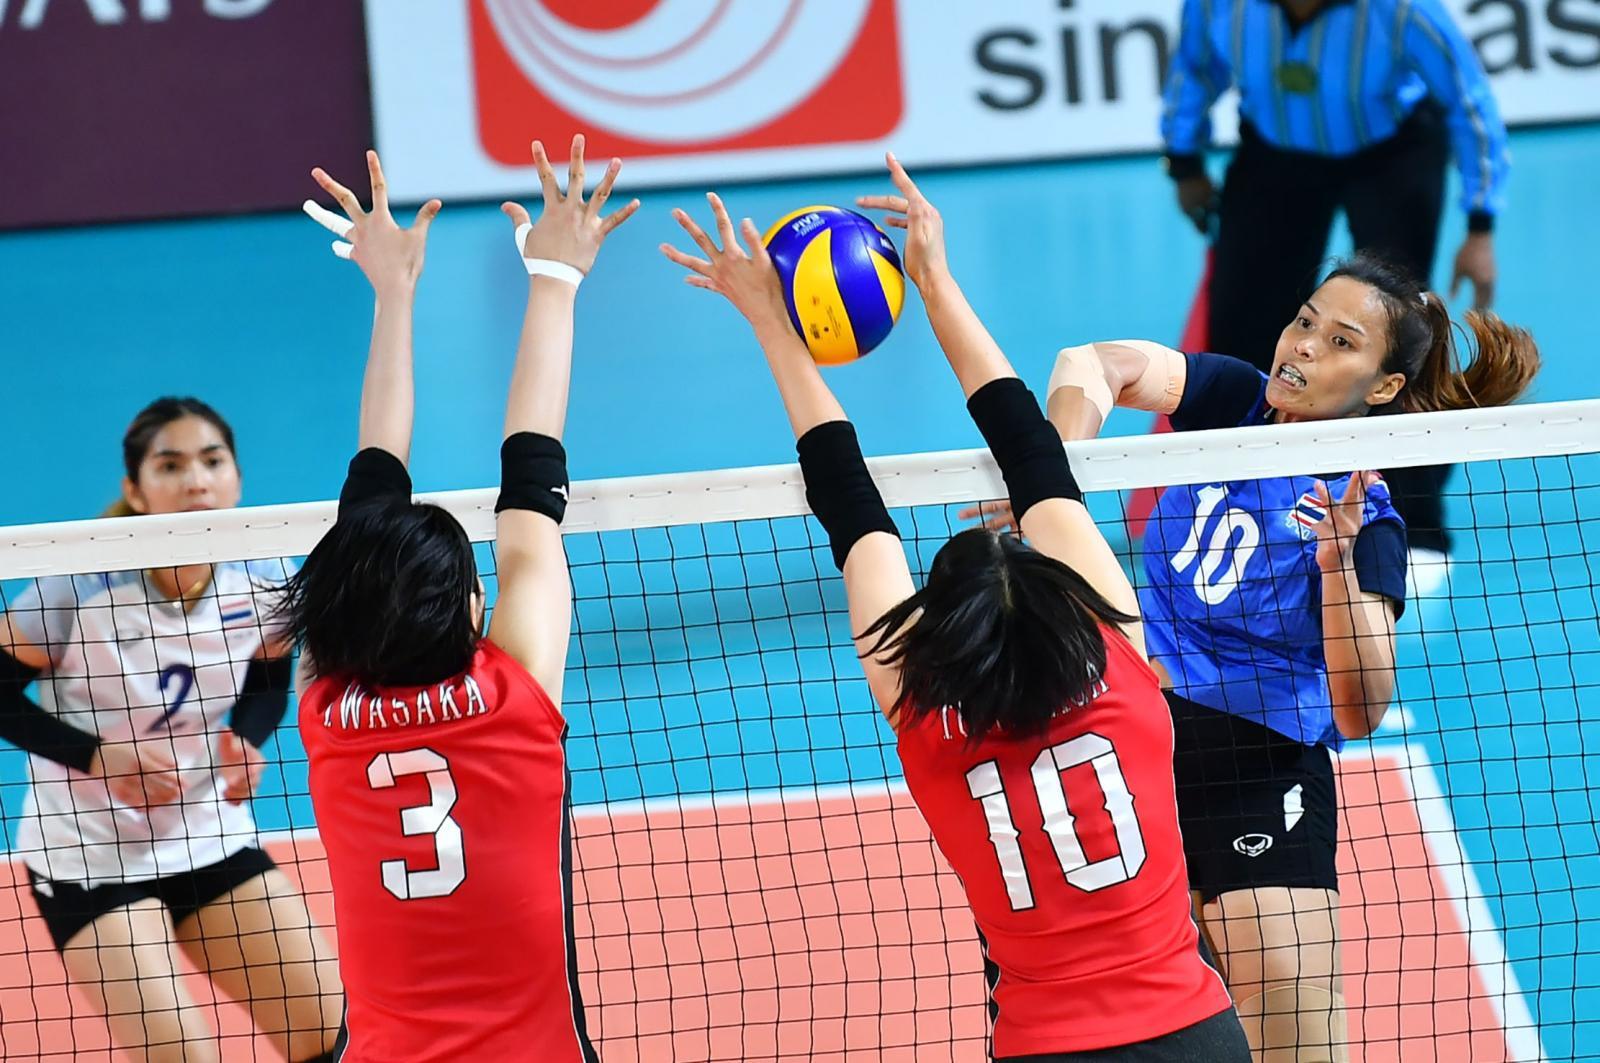 """""""วอลเลย์บอลสาวไทย"""" ชนะ """"ญี่ปุ่น"""" 3-0 เซต ศึกเอเชียนเกมส์ 2018"""